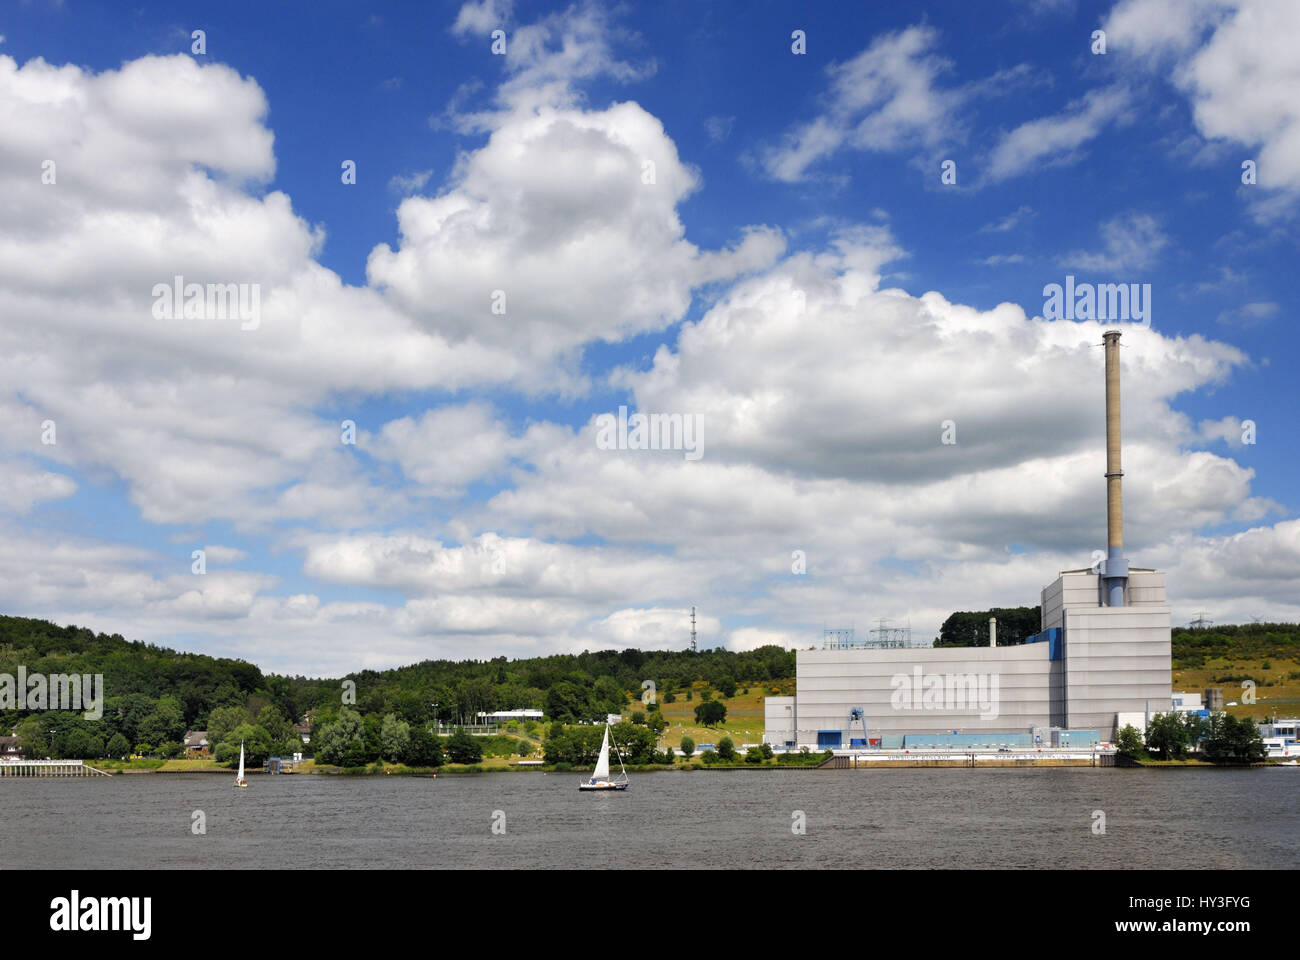 KKW Kr?mmel in Geesthacht, Schleswig - Holstein, Germany, KKW Krümmel in Geesthacht, Schleswig-Holstein, Deutschland - Stock Image